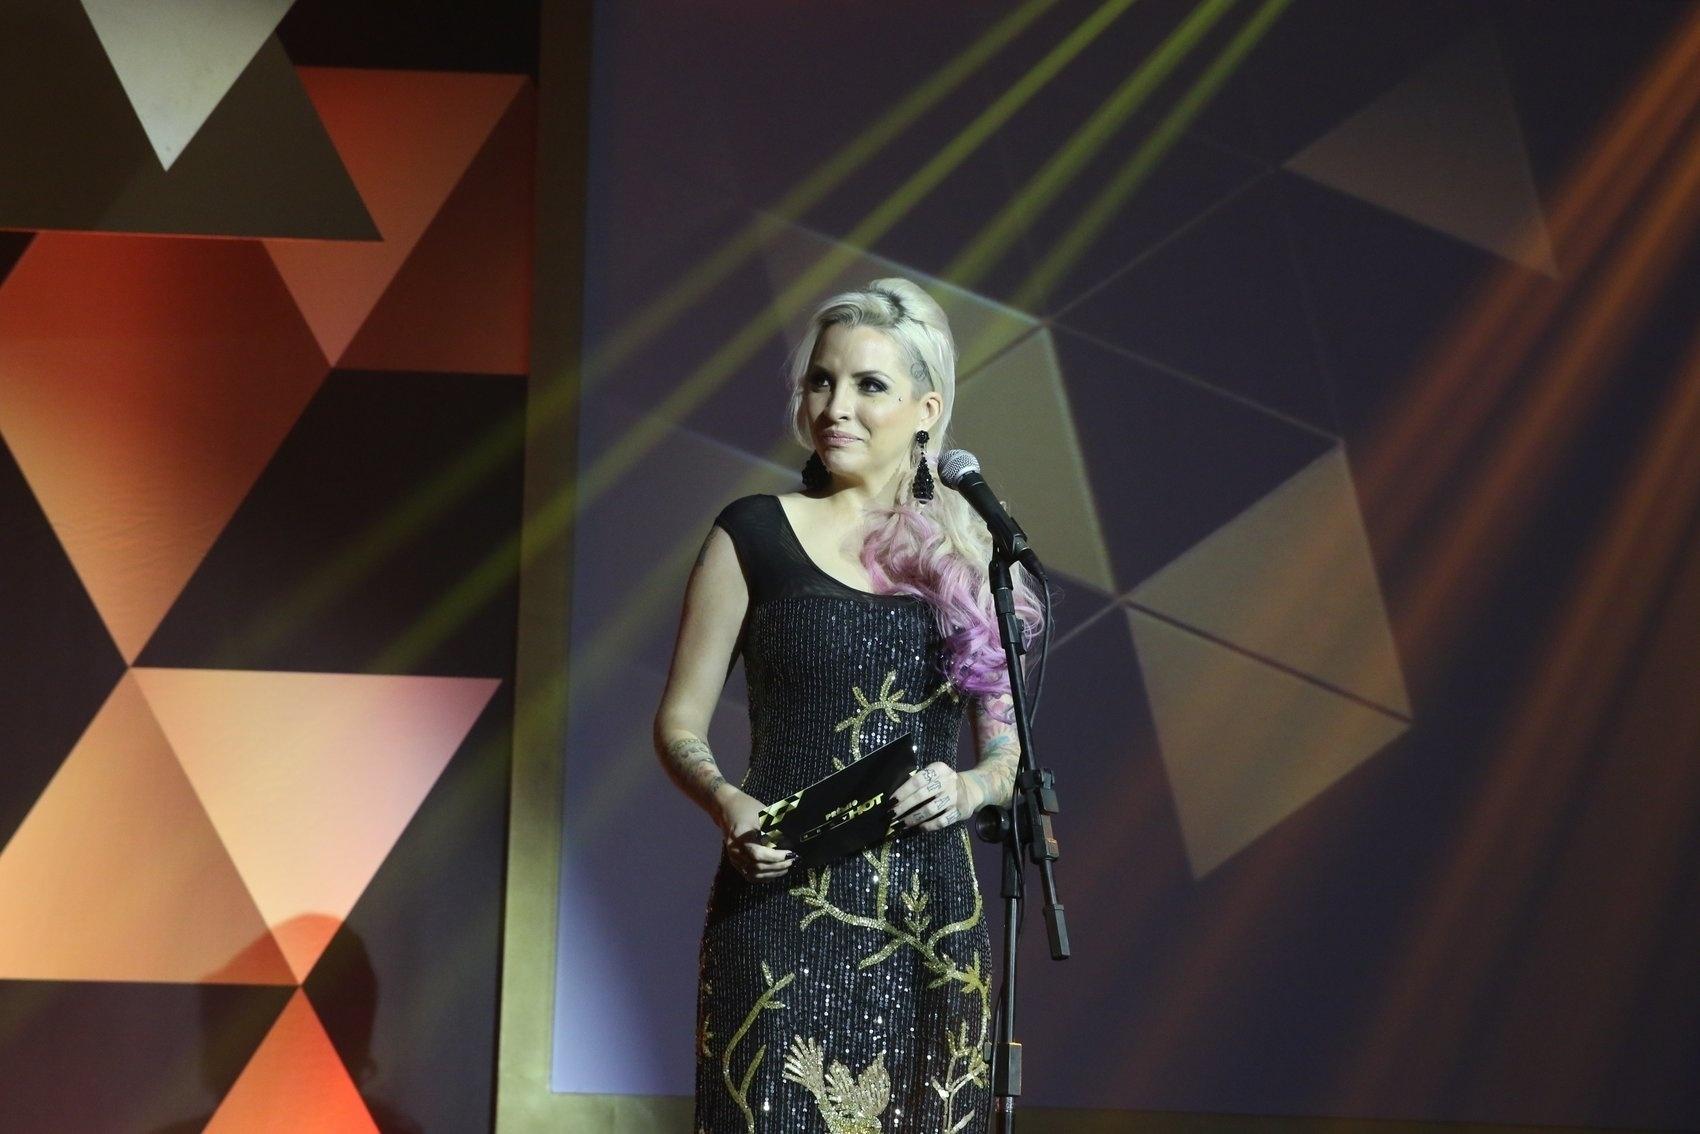 18.ago.2015 - Clara Aguilar no palco apresentando uma categoria na segunda edição do prêmio Sexy Hot, que reconhece as melhores produções eróticas do Brasil, nesta terça-feira na Vila Olímpia em São Paulo